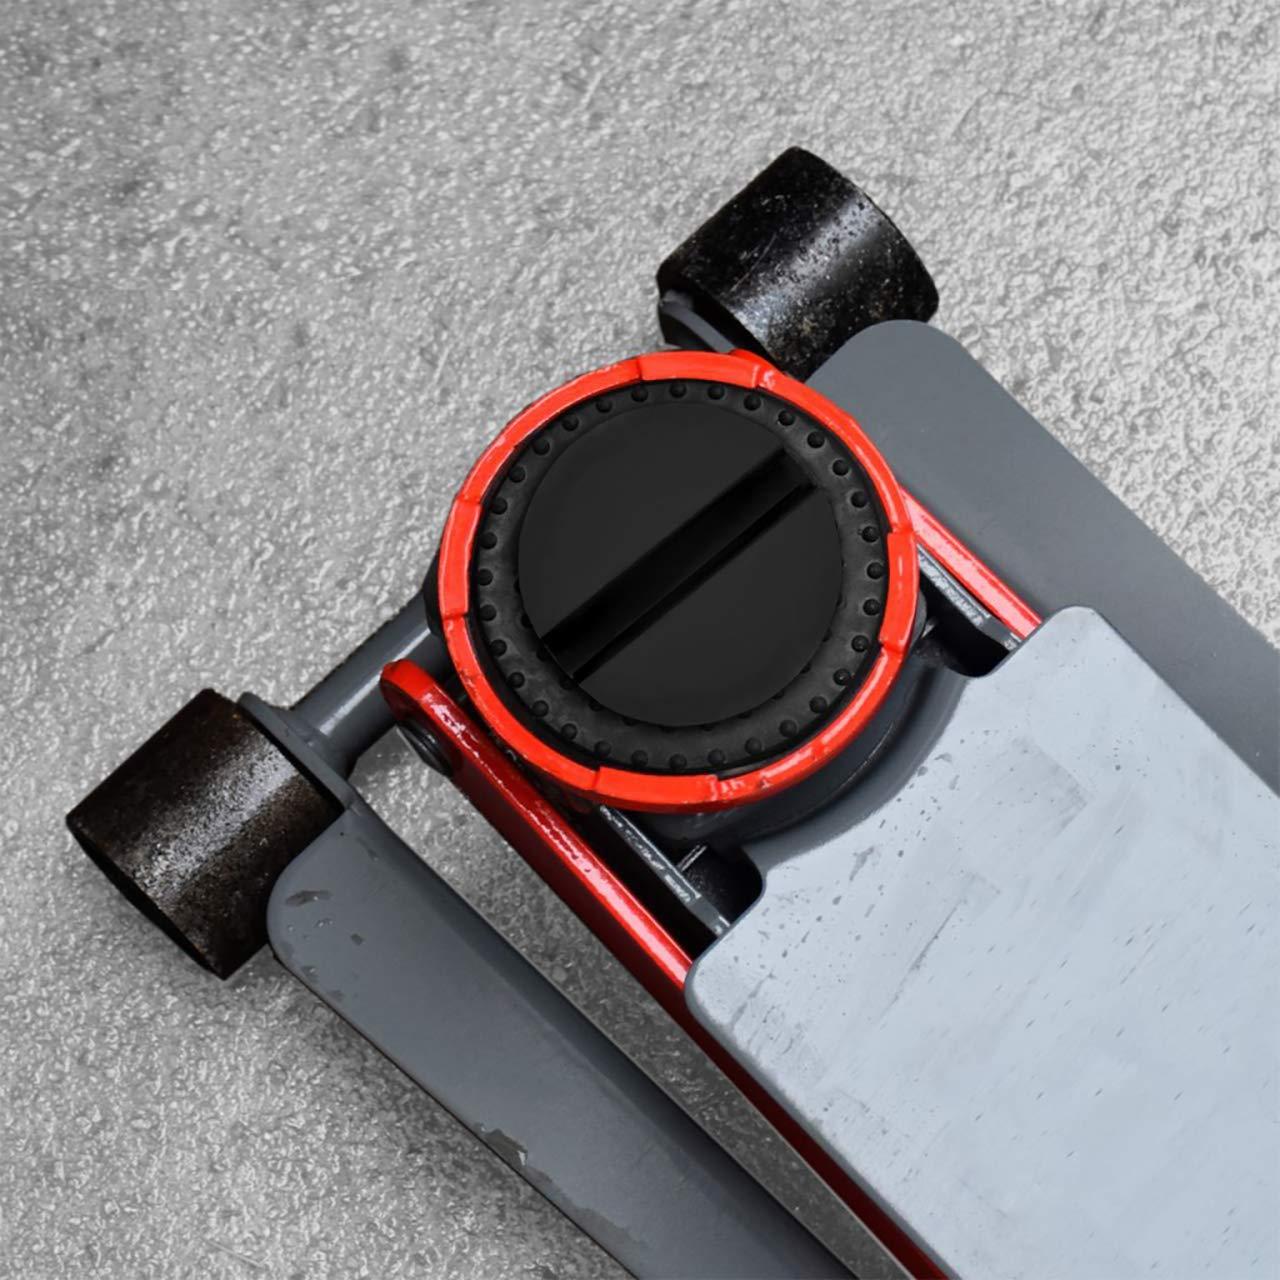 DEDC 2 pz Tampone Jack Pad Adattatore Auto Universale Fessura Telaio Scanalatura Pavimento Jack Adattatore per Cuscinetti in Gomma Tondo Nero